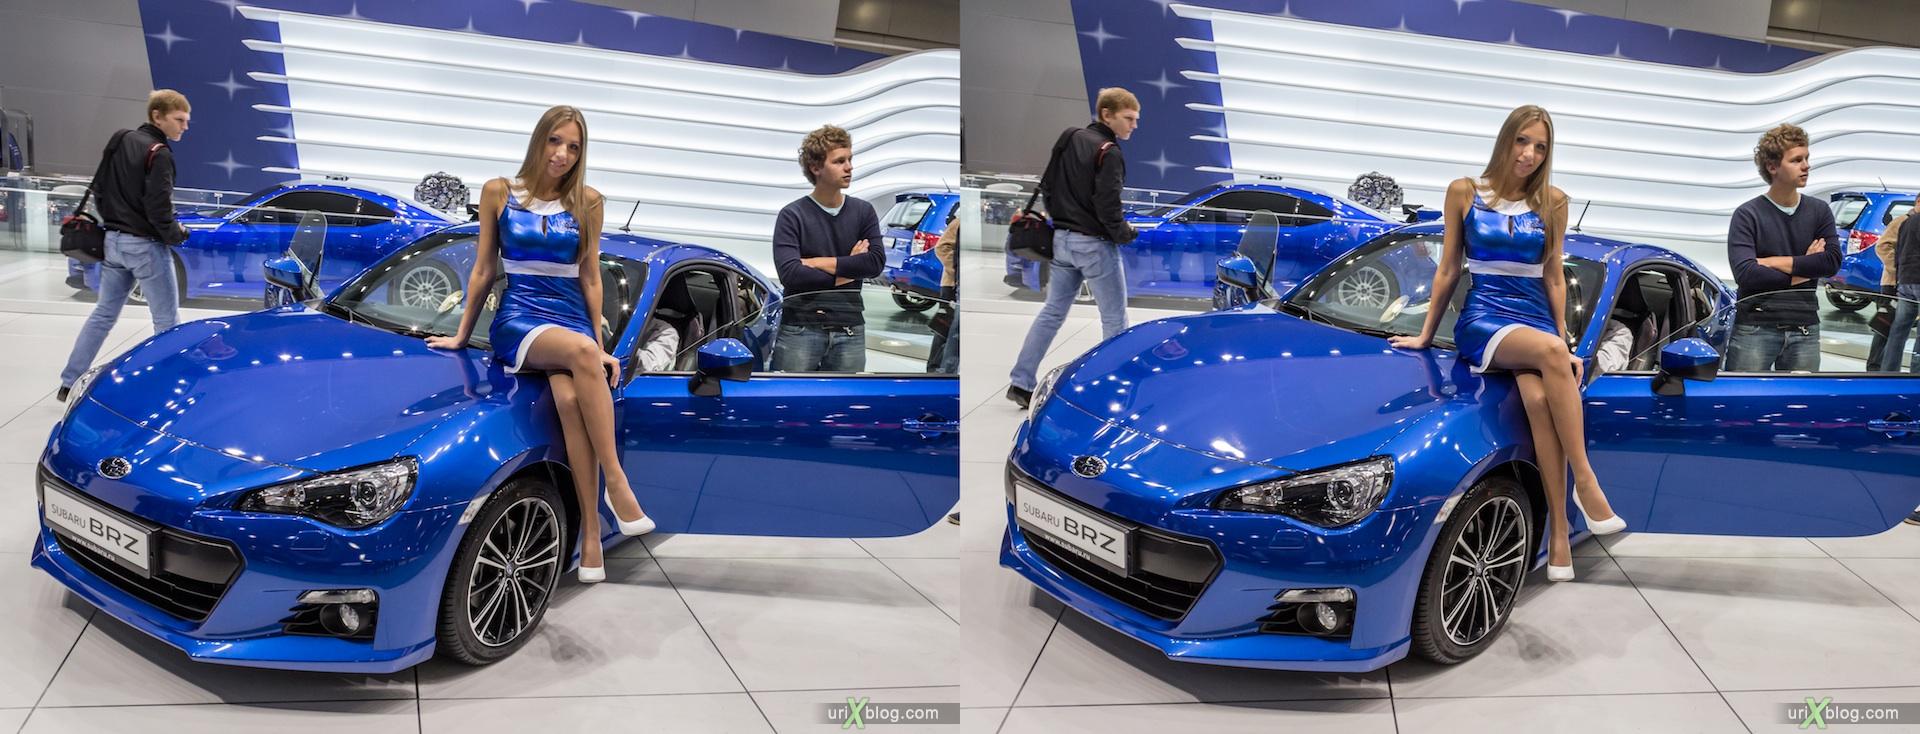 2012, Subaru BRZ, девушка, модель, girl, model, Московский международный автомобильный салон, ММАС, Крокус Экспо, 3D, стерео, стереопара